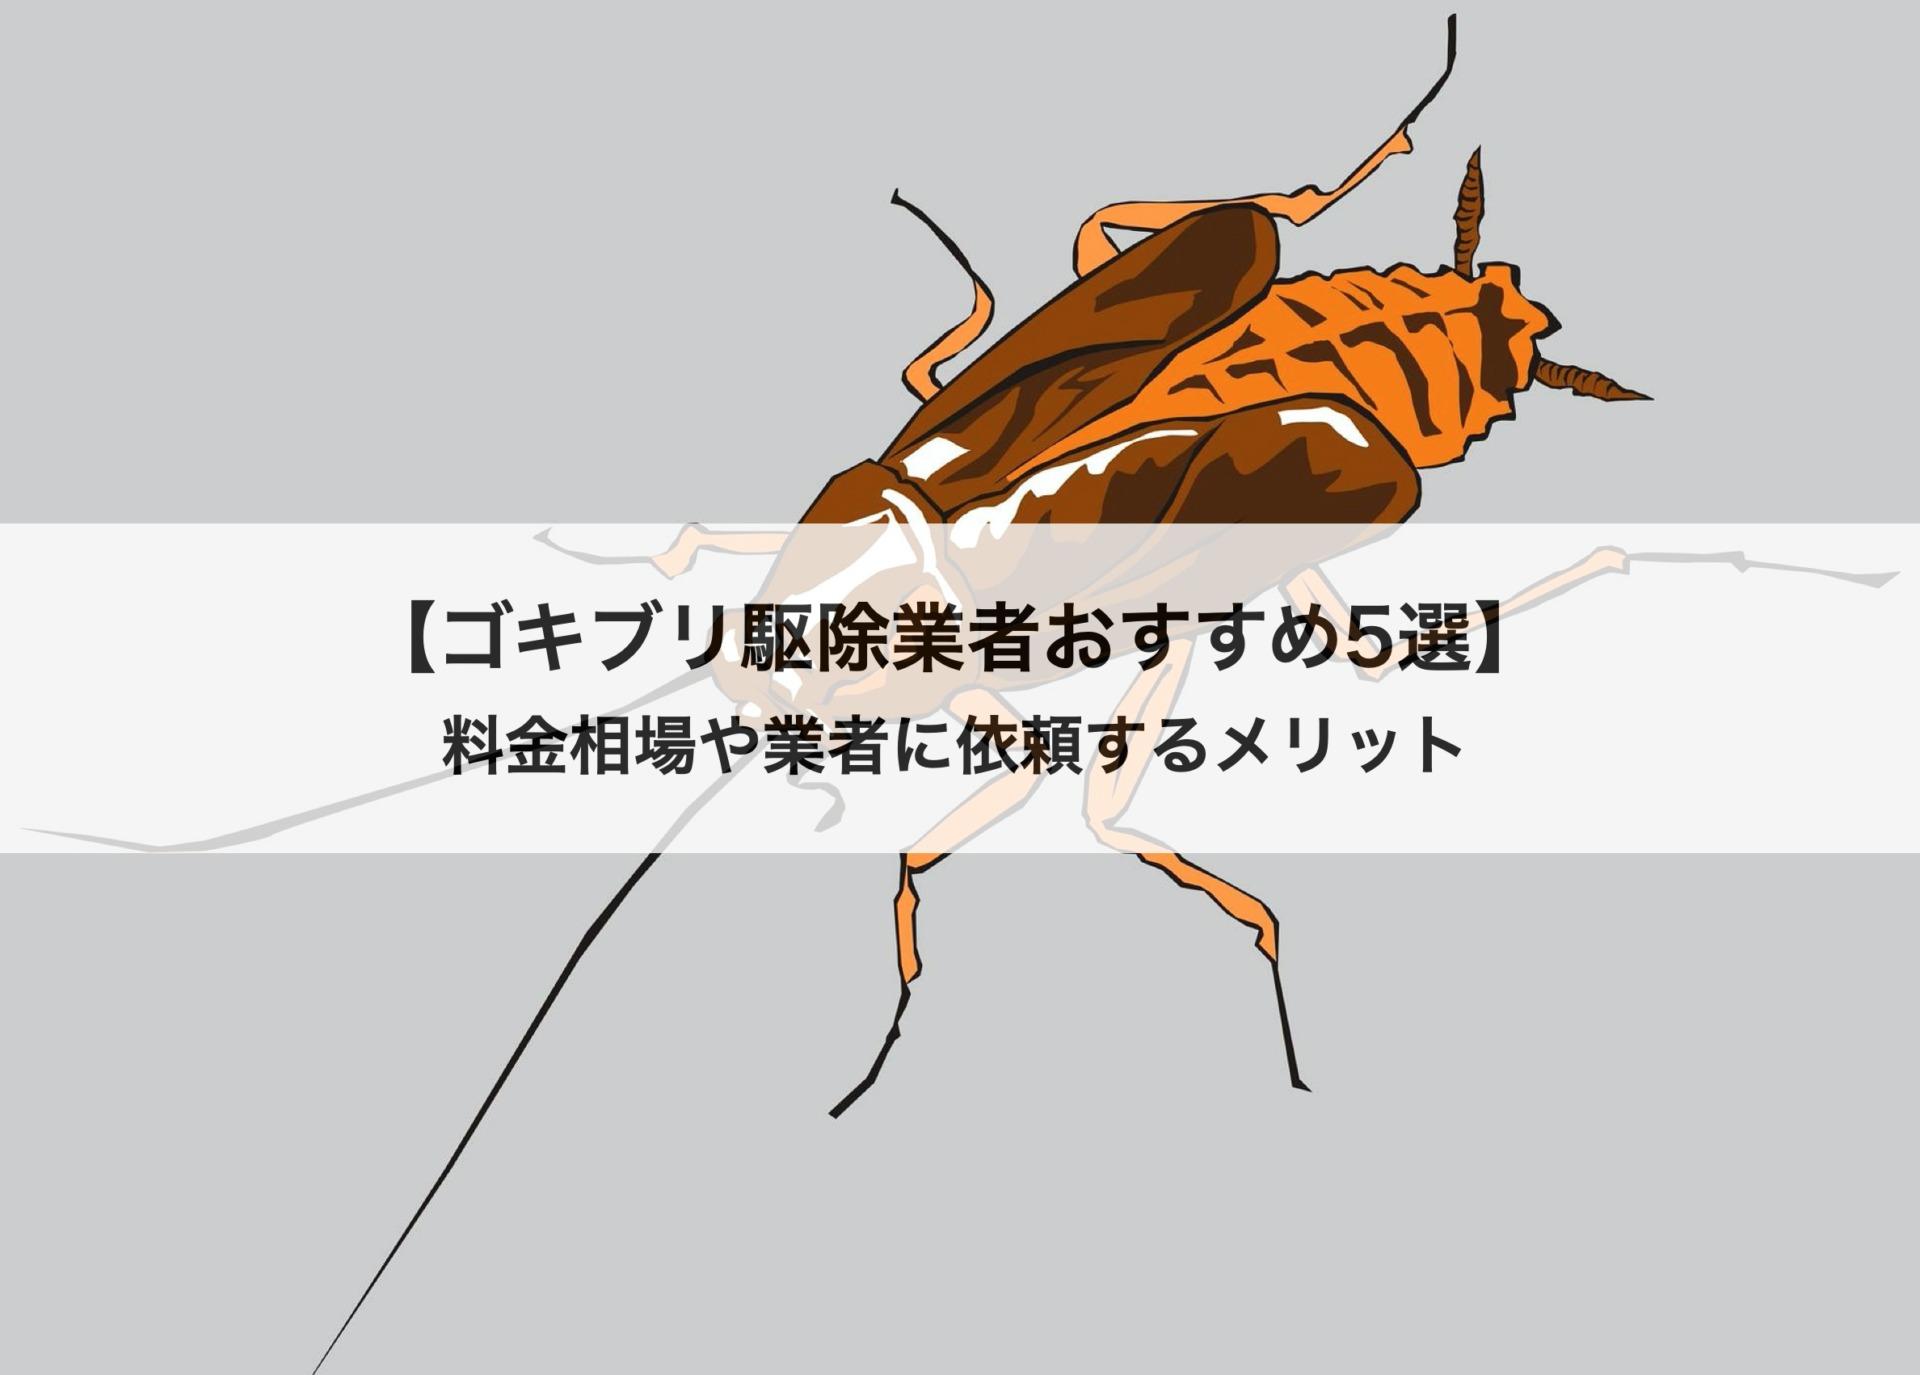 ゴキブリ駆除業者おすすめ5選!料金相場や駆除業者に依頼するメリット、選び方も紹介します。